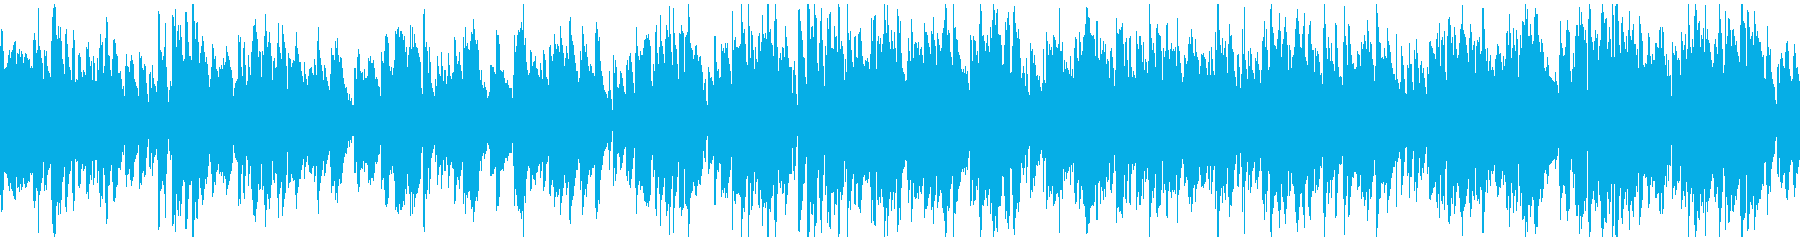 明るい軽快なテンポ感のジャズ ※ループ版の再生済みの波形